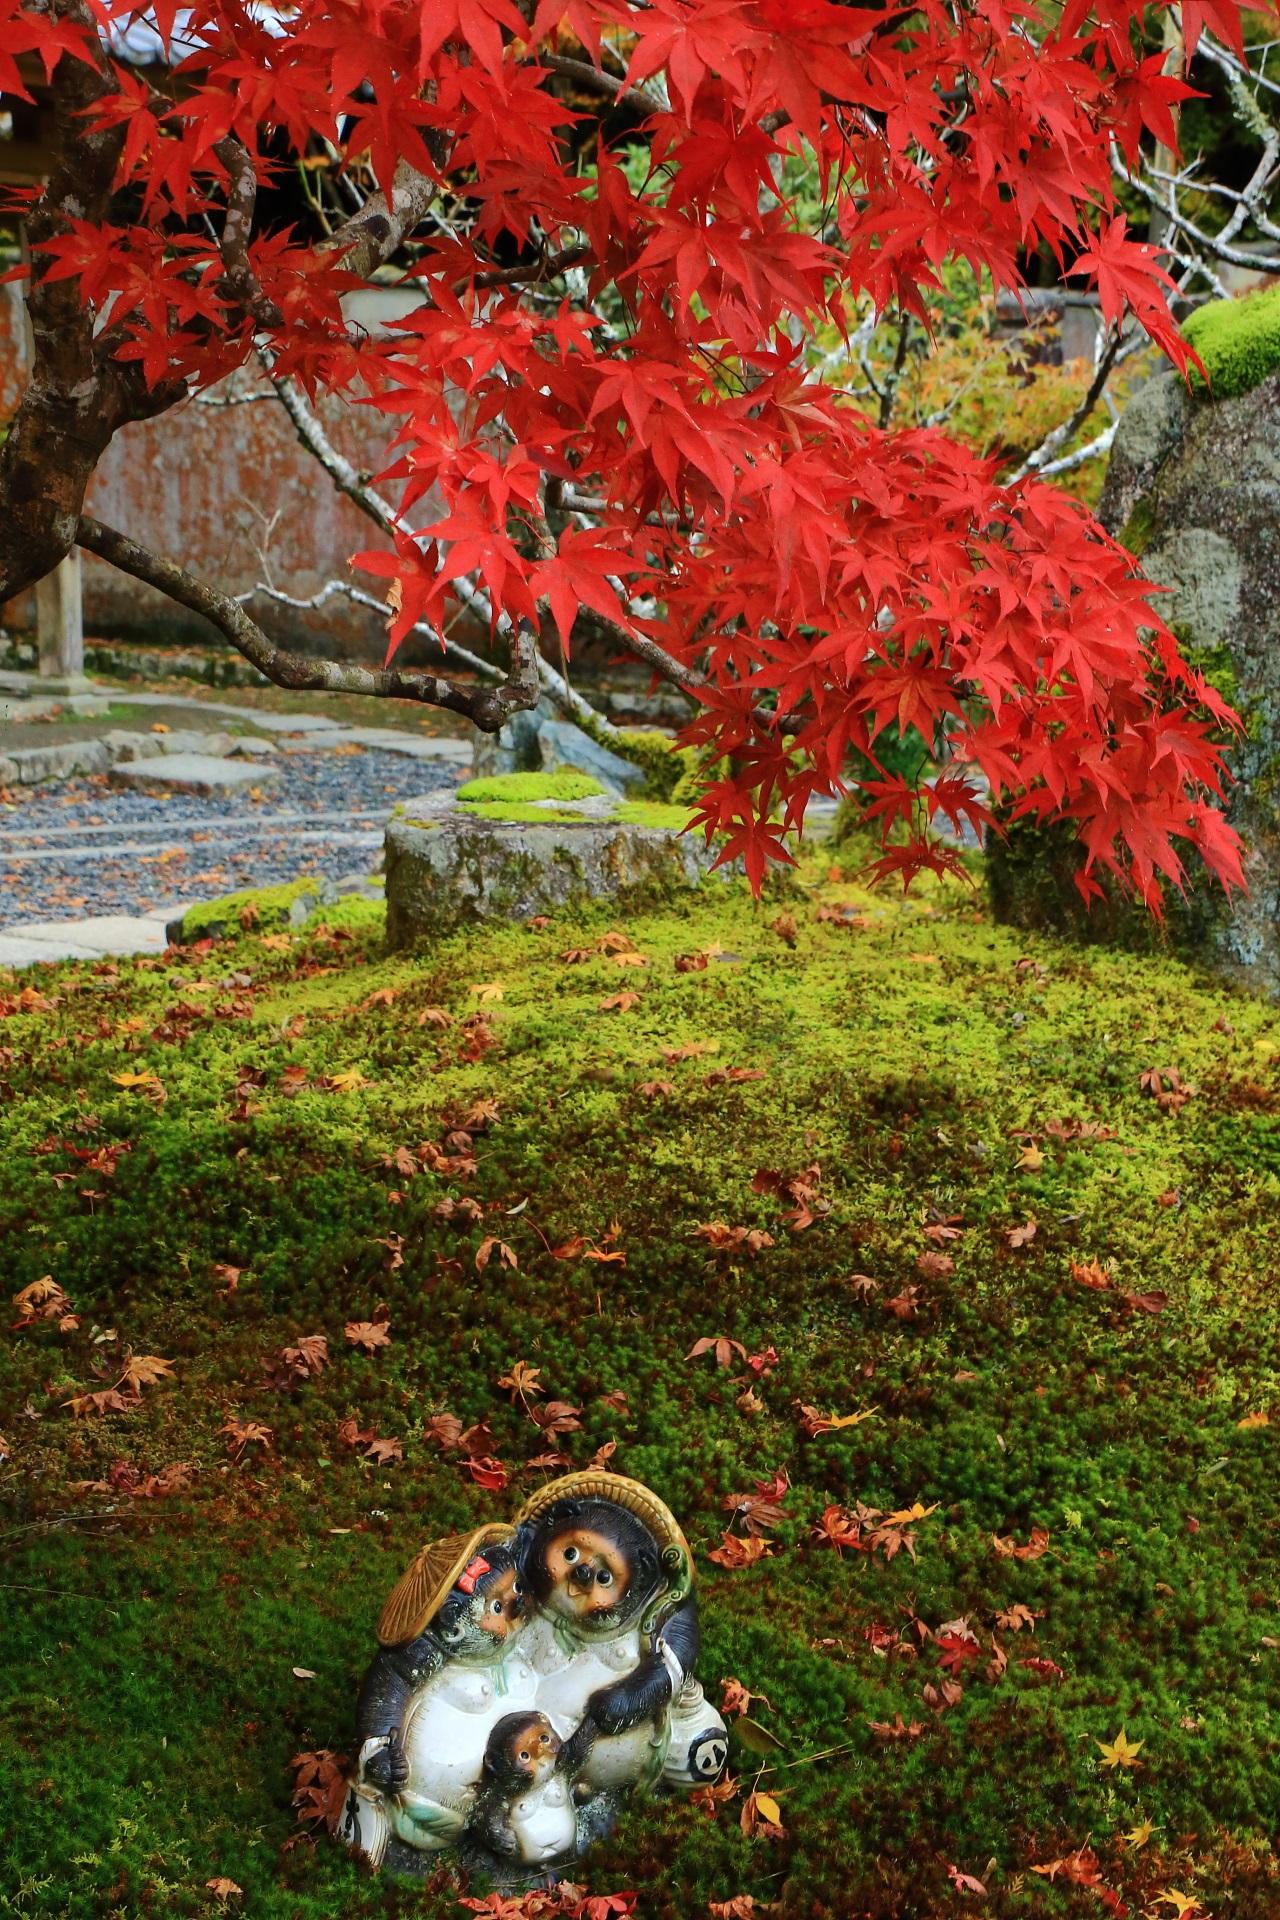 勝院高の本堂前の可愛らしい狸と真っ赤な紅葉